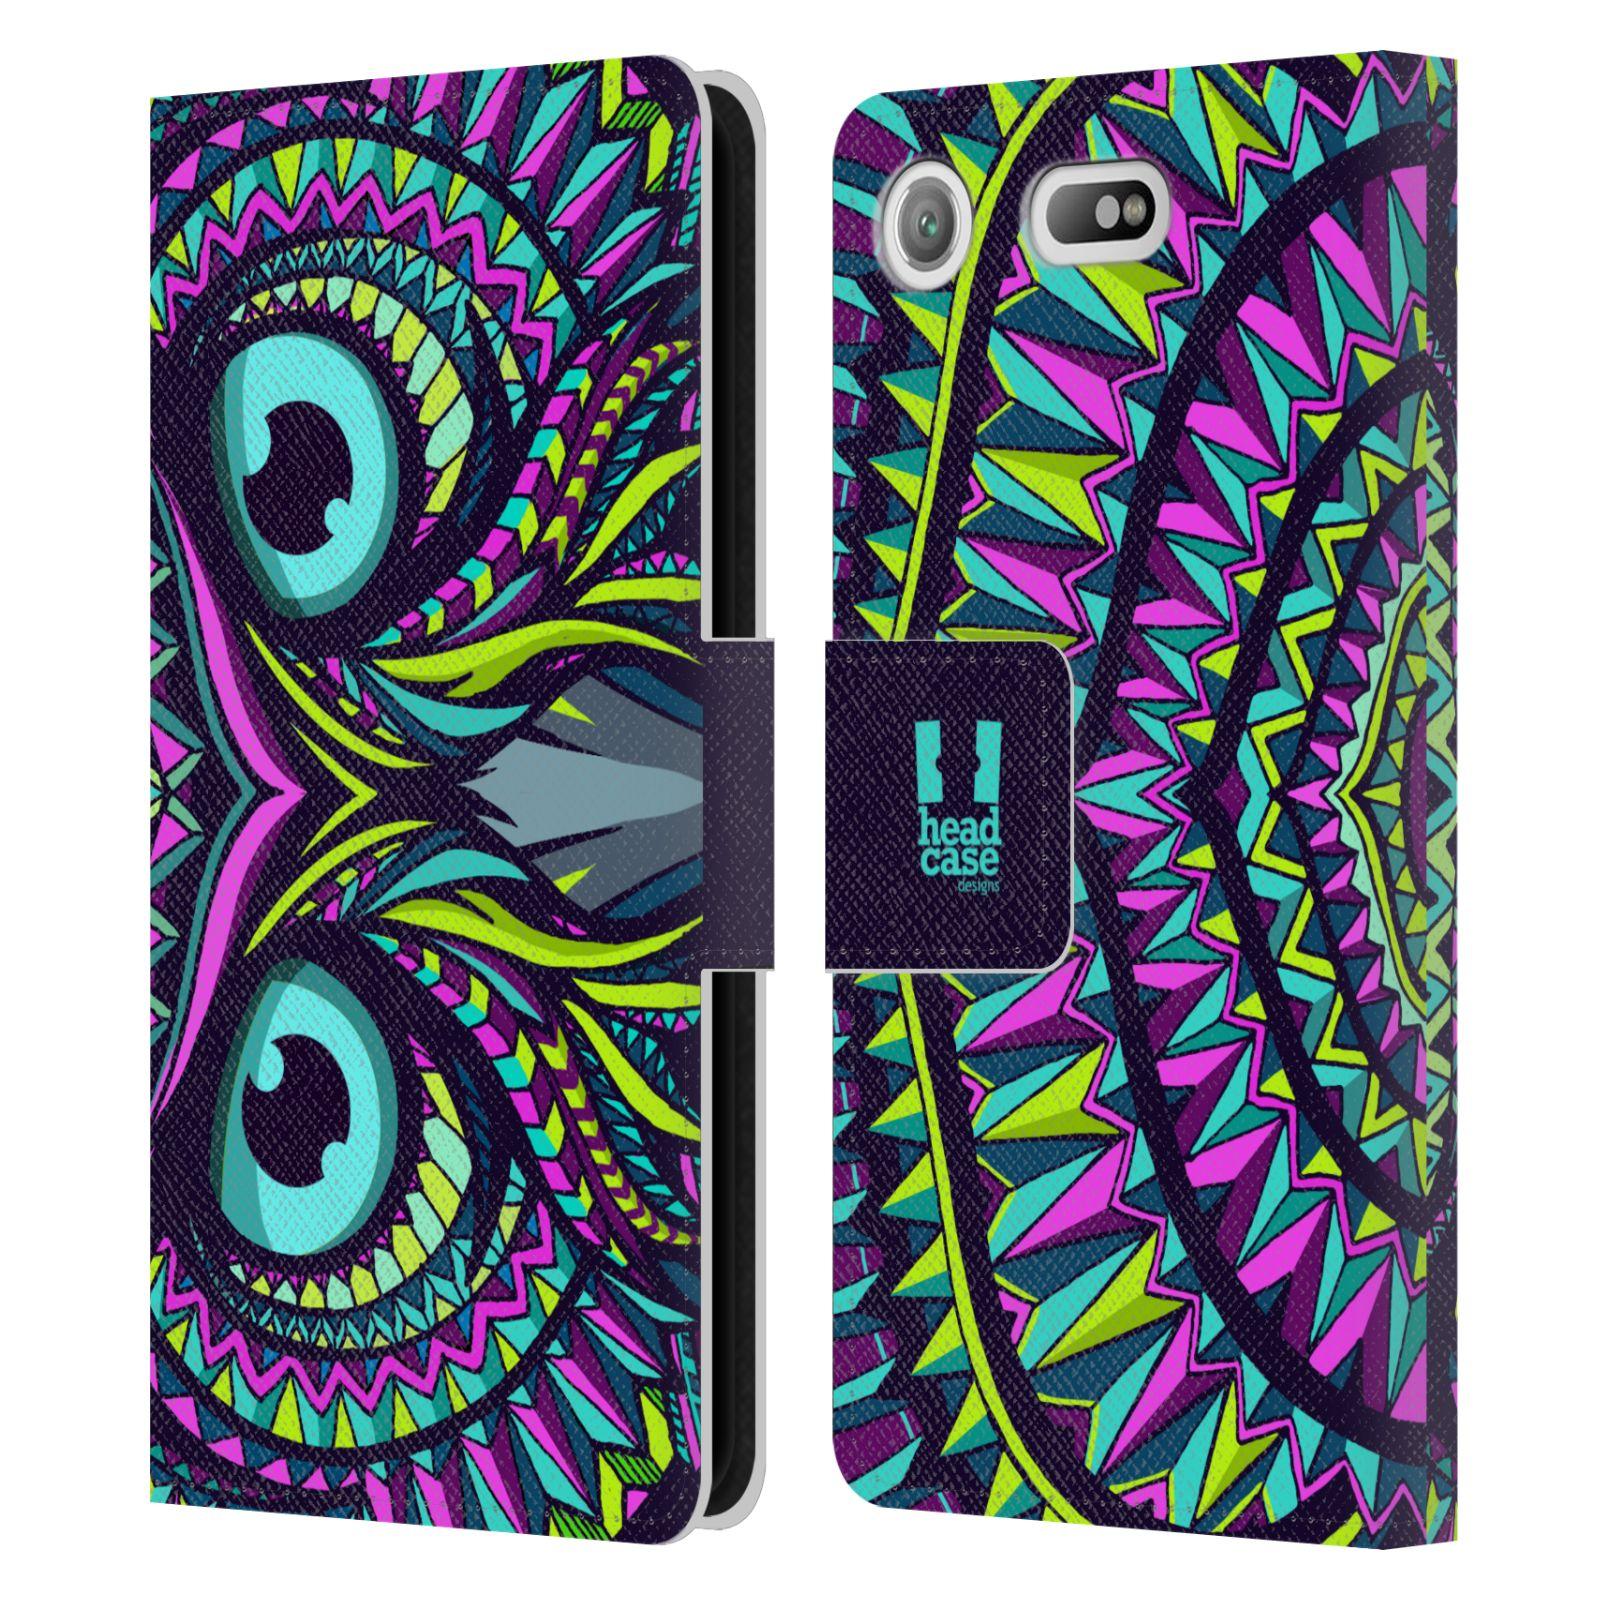 Pouzdro na mobil Sony Xperia XZ1 Compact - Head Case - Aztécký vzor sova